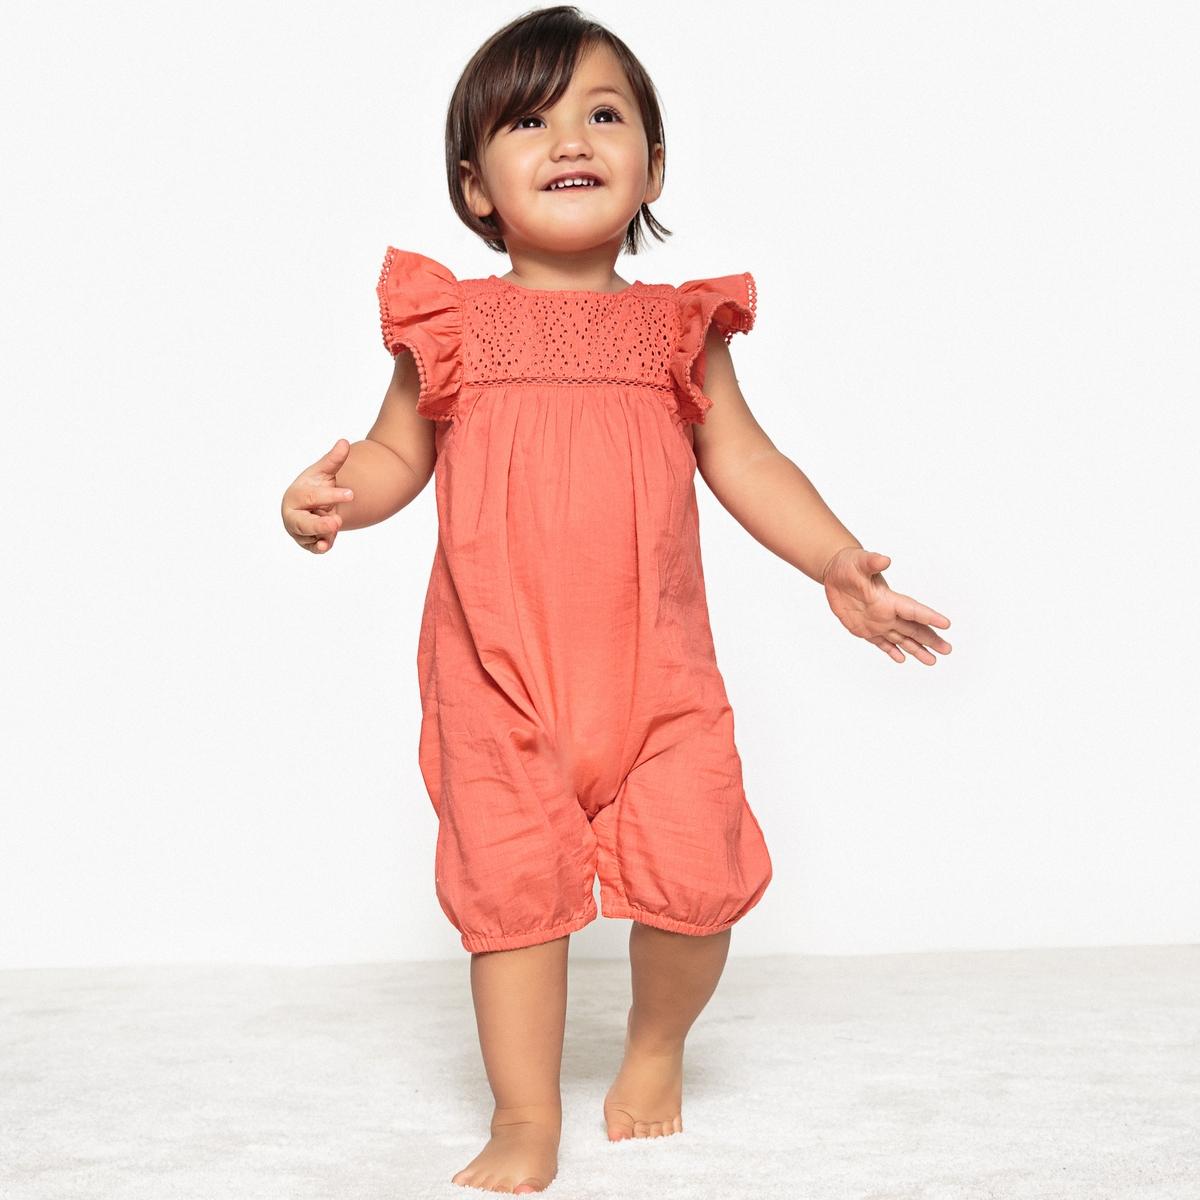 Комбинезон La Redoute С вышивкой и воланами мес - года 1 год - 74 см розовый блузка la redoute с вышивкой гладью мес года 6 мес 67 см другие